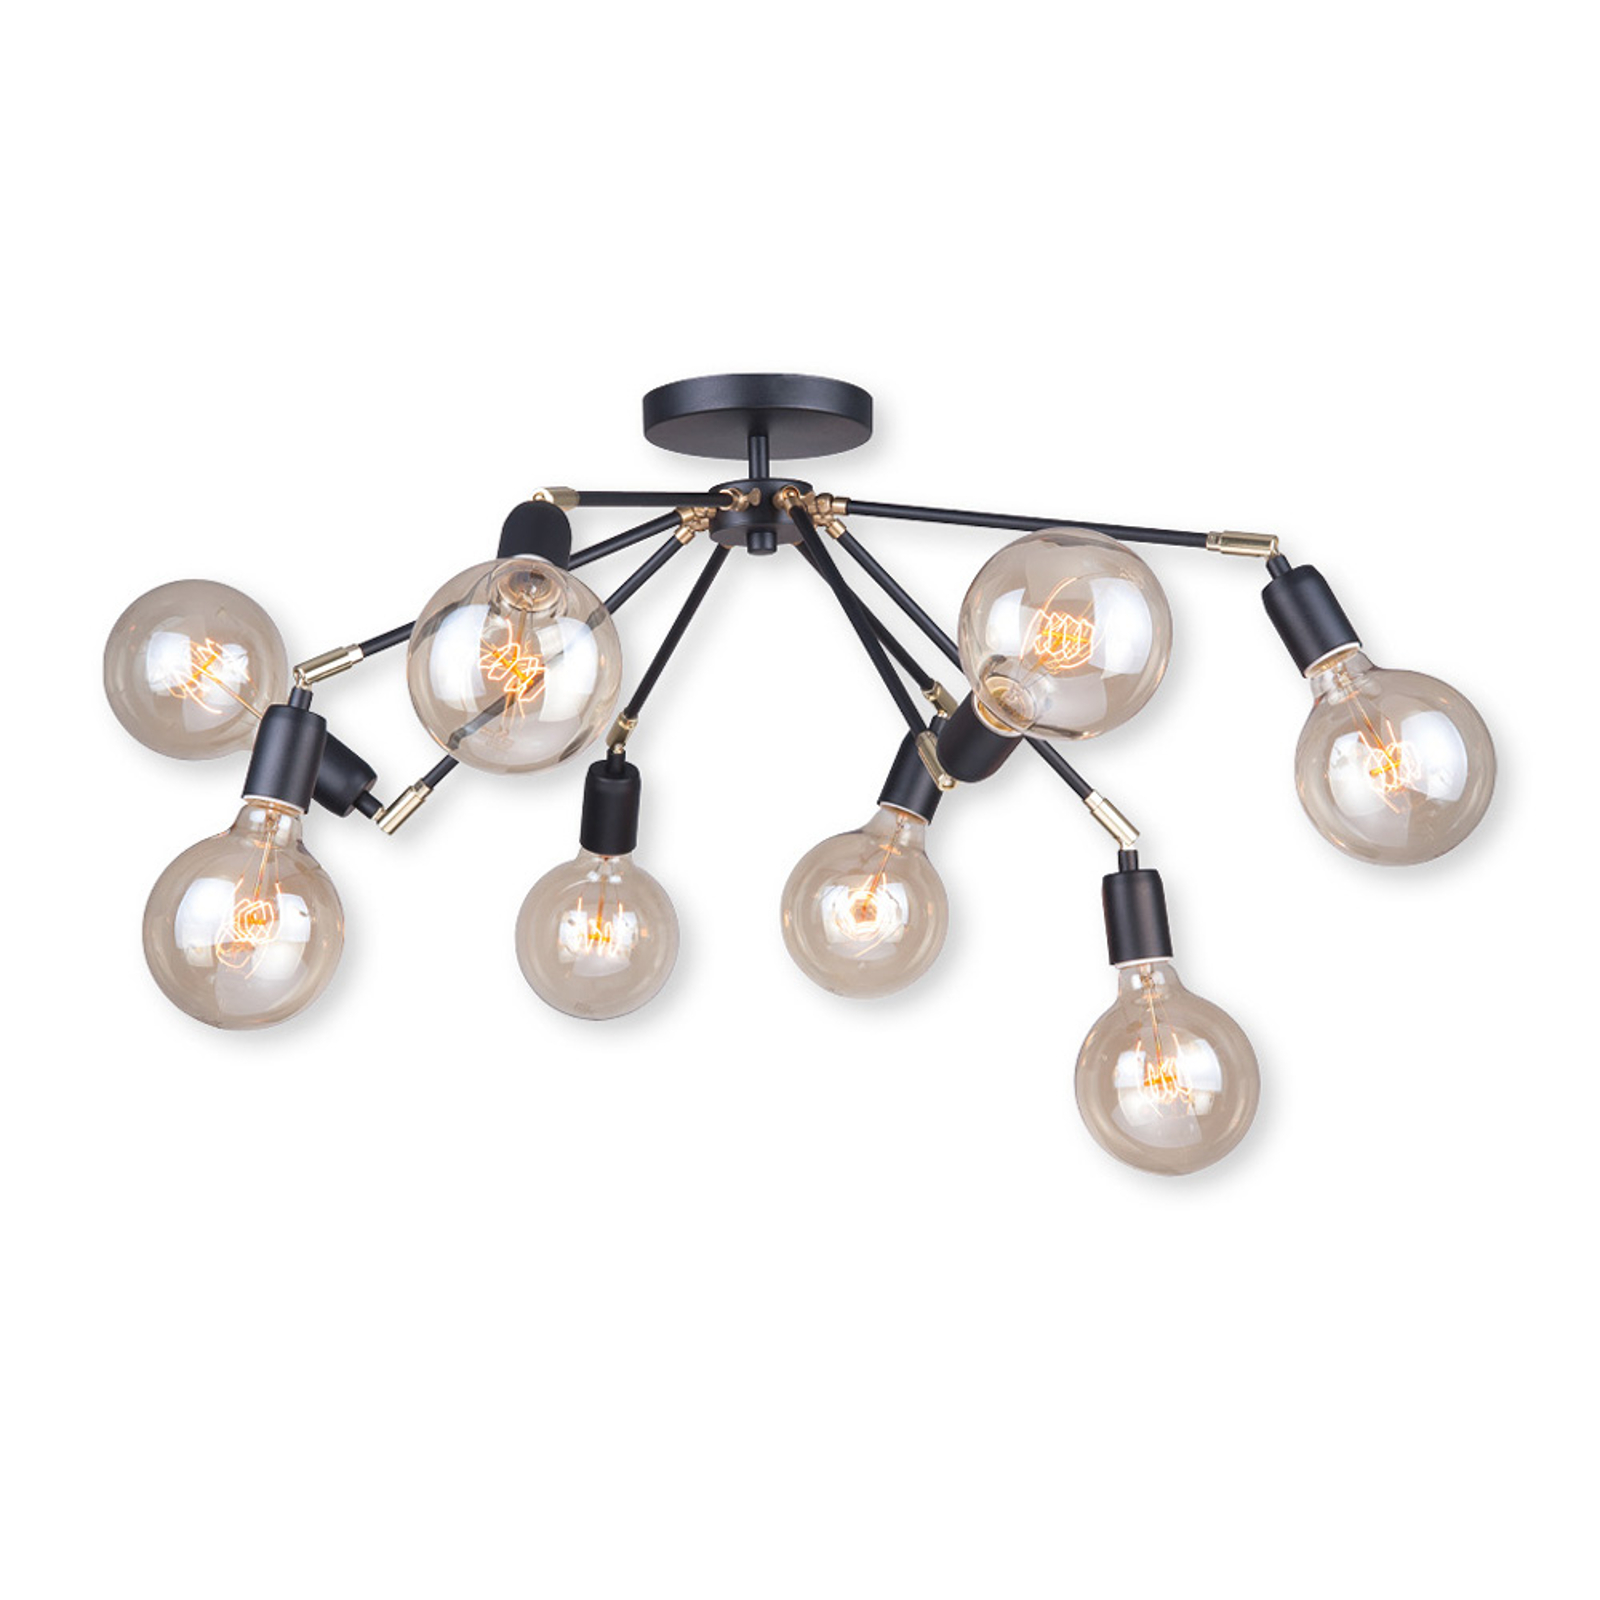 Plafondlamp Stik in zwart, 8-lamps